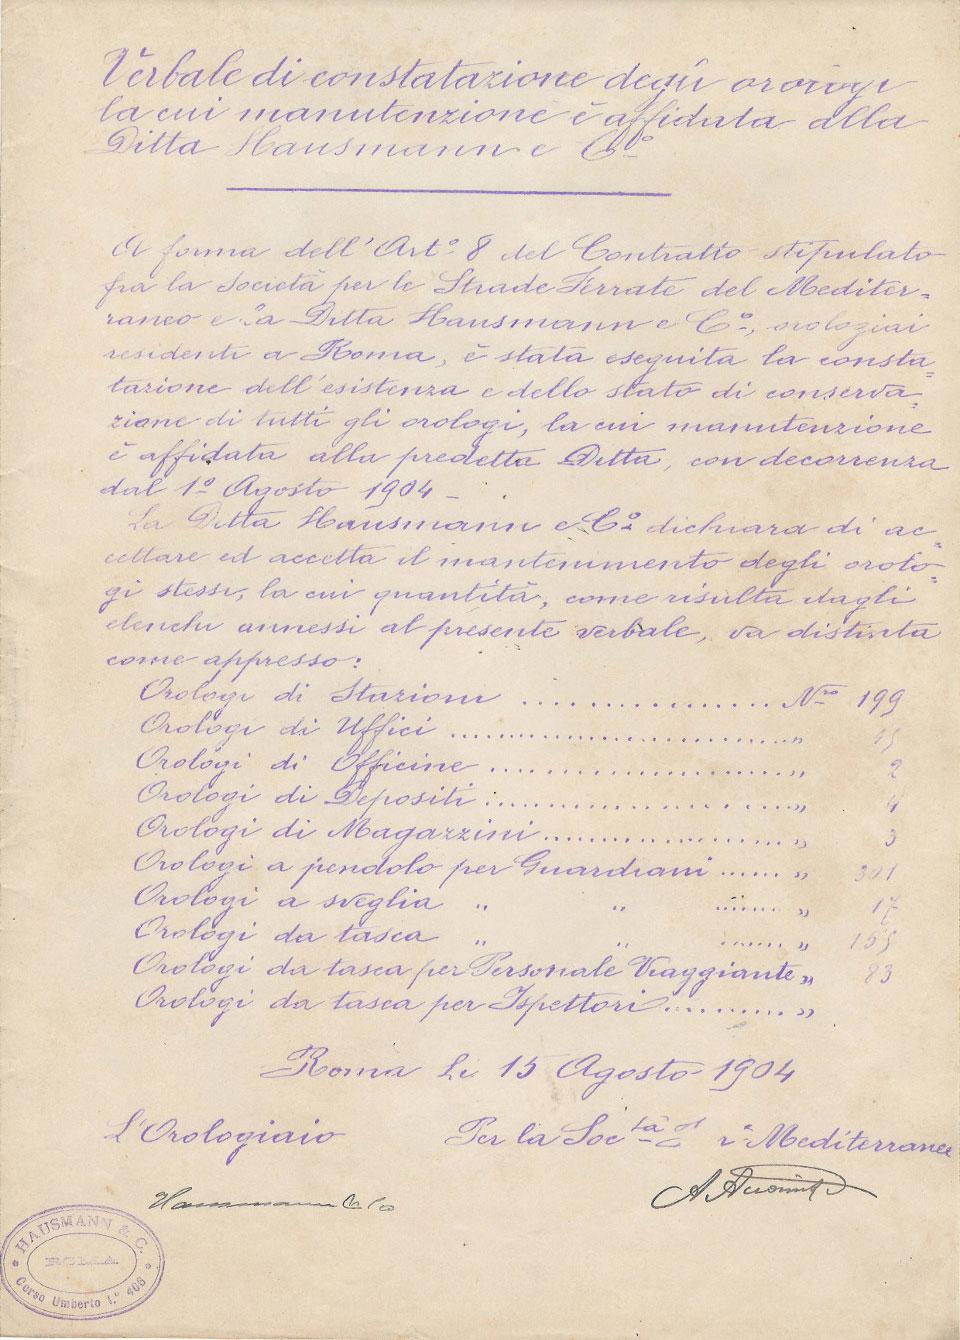 hausmann 1904